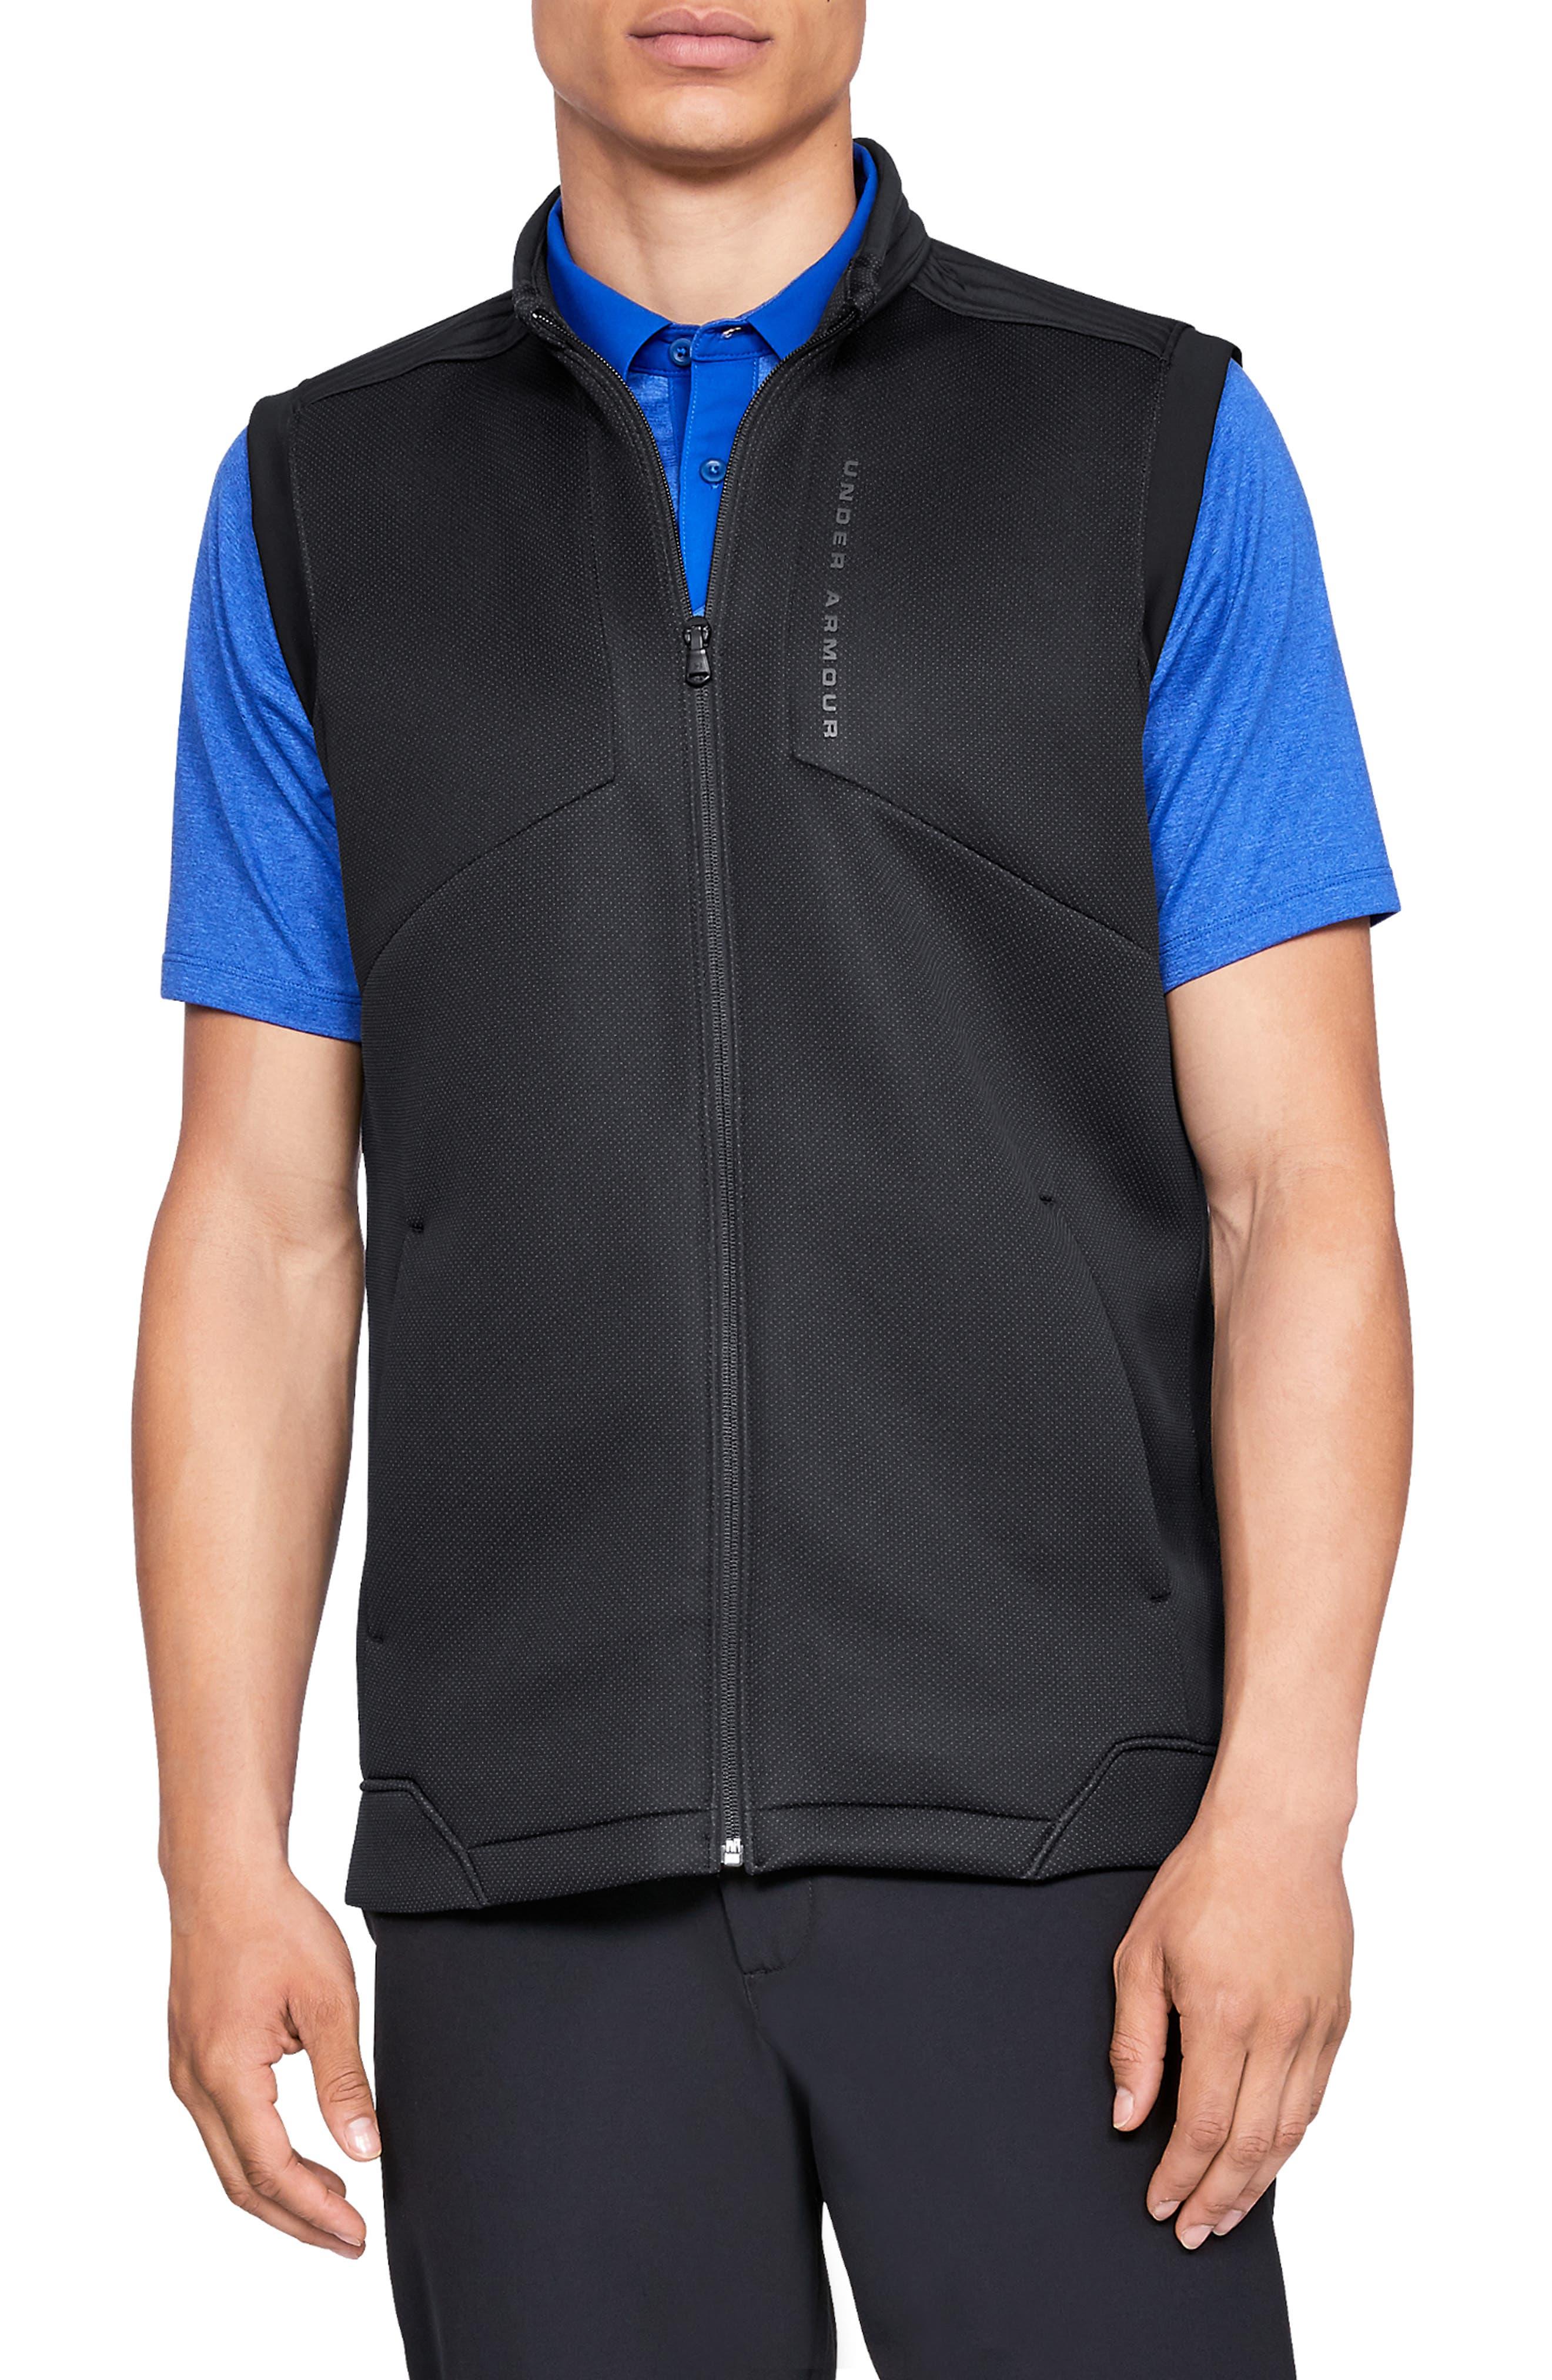 Storm Daytona Vest,                             Main thumbnail 1, color,                             BLACK/ BLACK/ BLACK